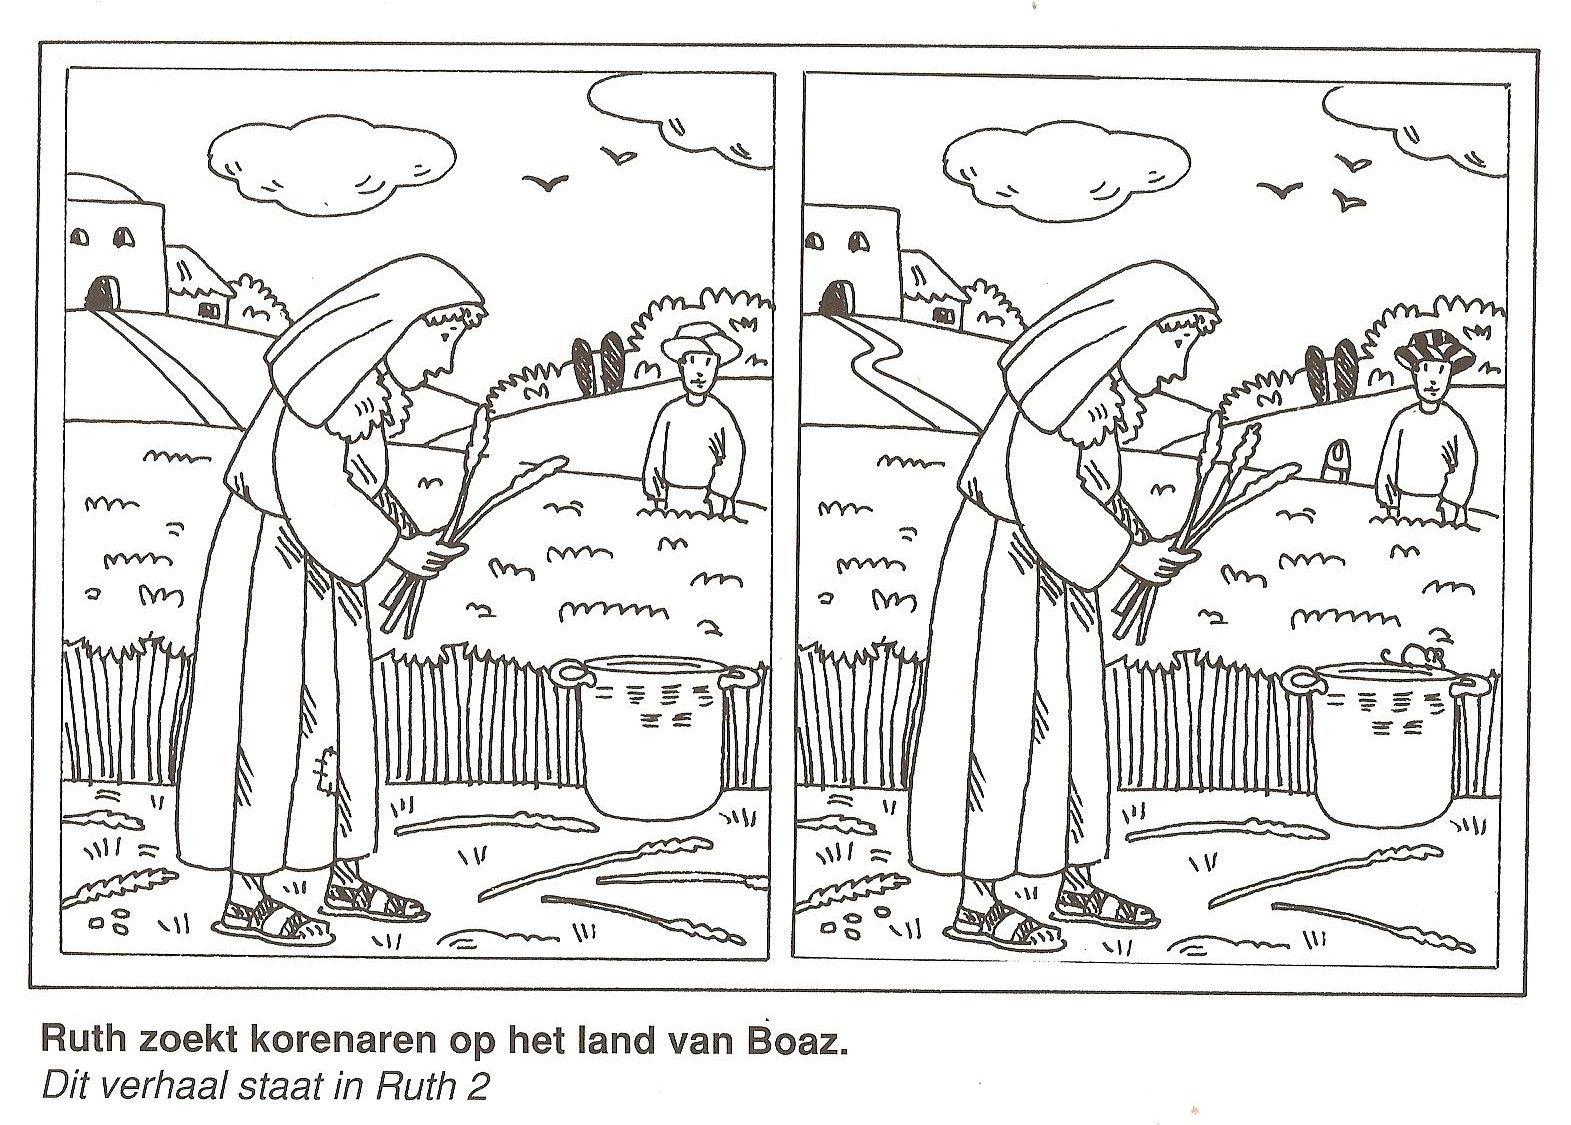 ruth zoekt korenaren op het veld boaz zoek de 10